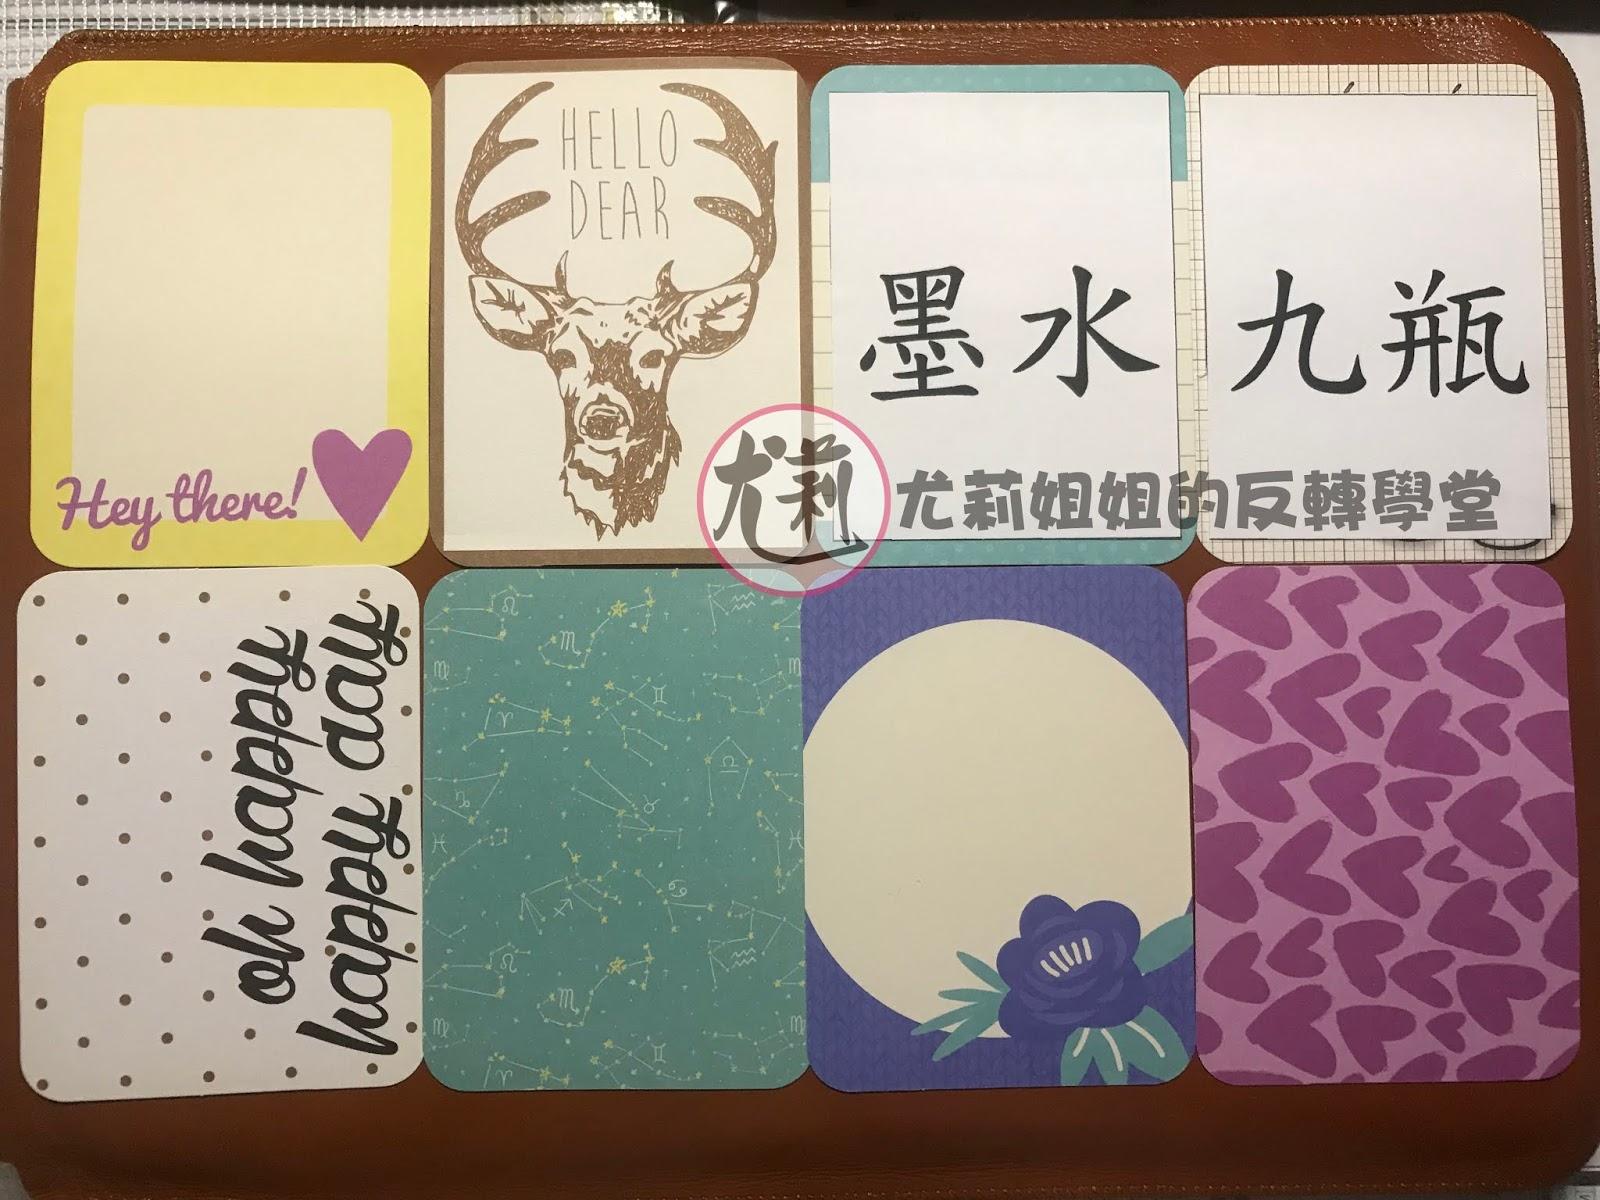 趣味短片系列:自製中文科記憶卡片遊戲|童玩攻略|尤莉姐姐的反轉學堂